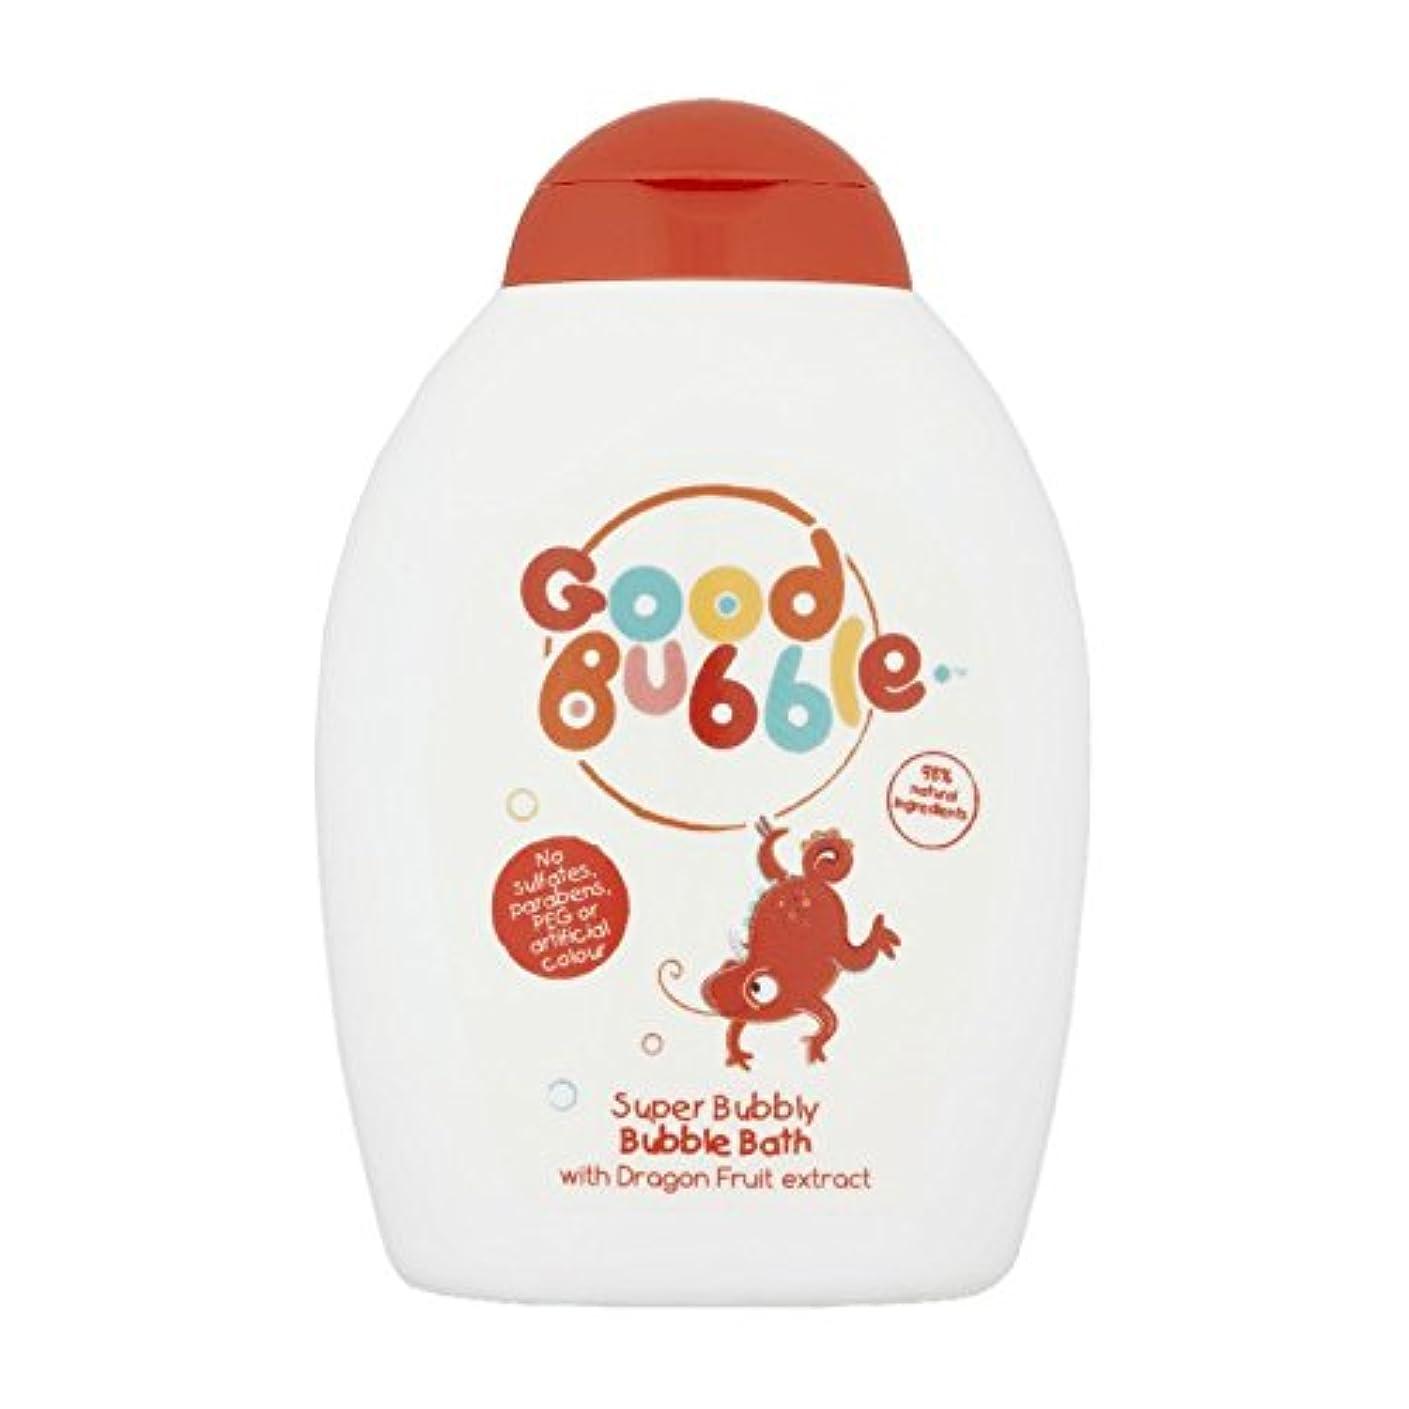 マダム十分です拷問Good Bubble Dragon Fruit Bubble Bath 400ml (Pack of 6) - 良いバブルドラゴンフルーツバブルバス400ミリリットル (x6) [並行輸入品]